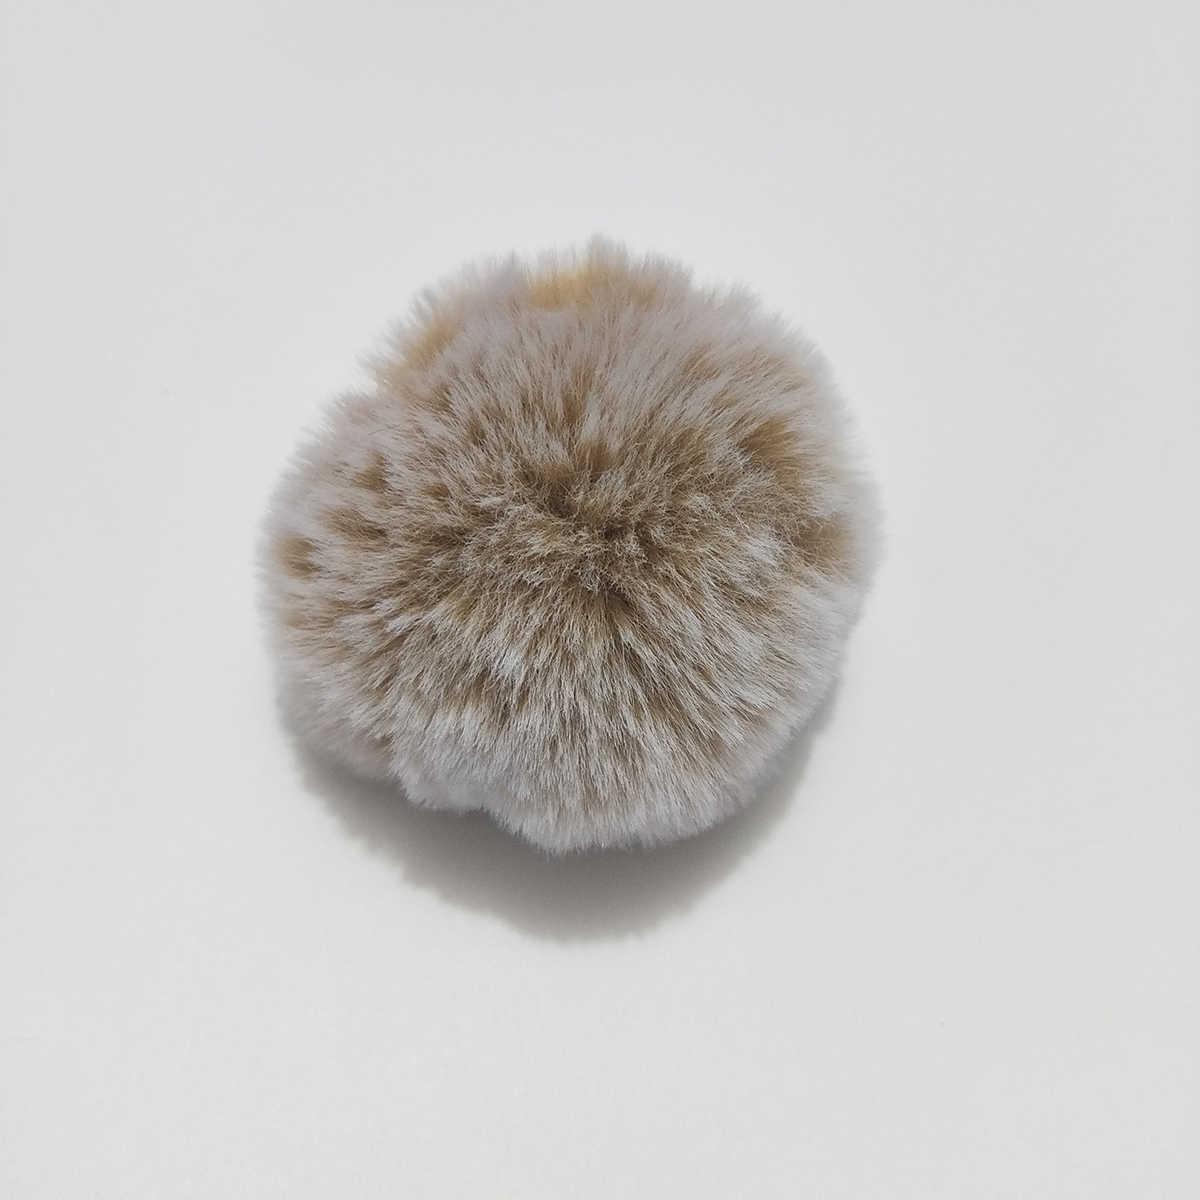 2018 Simples Chaveiro Bola De Pêlo Pompom Pompom Chaveiro Artificial Pele De coelho Saco Carro Chaveiro Chaveiros de Animais para a Mulher 27 cores